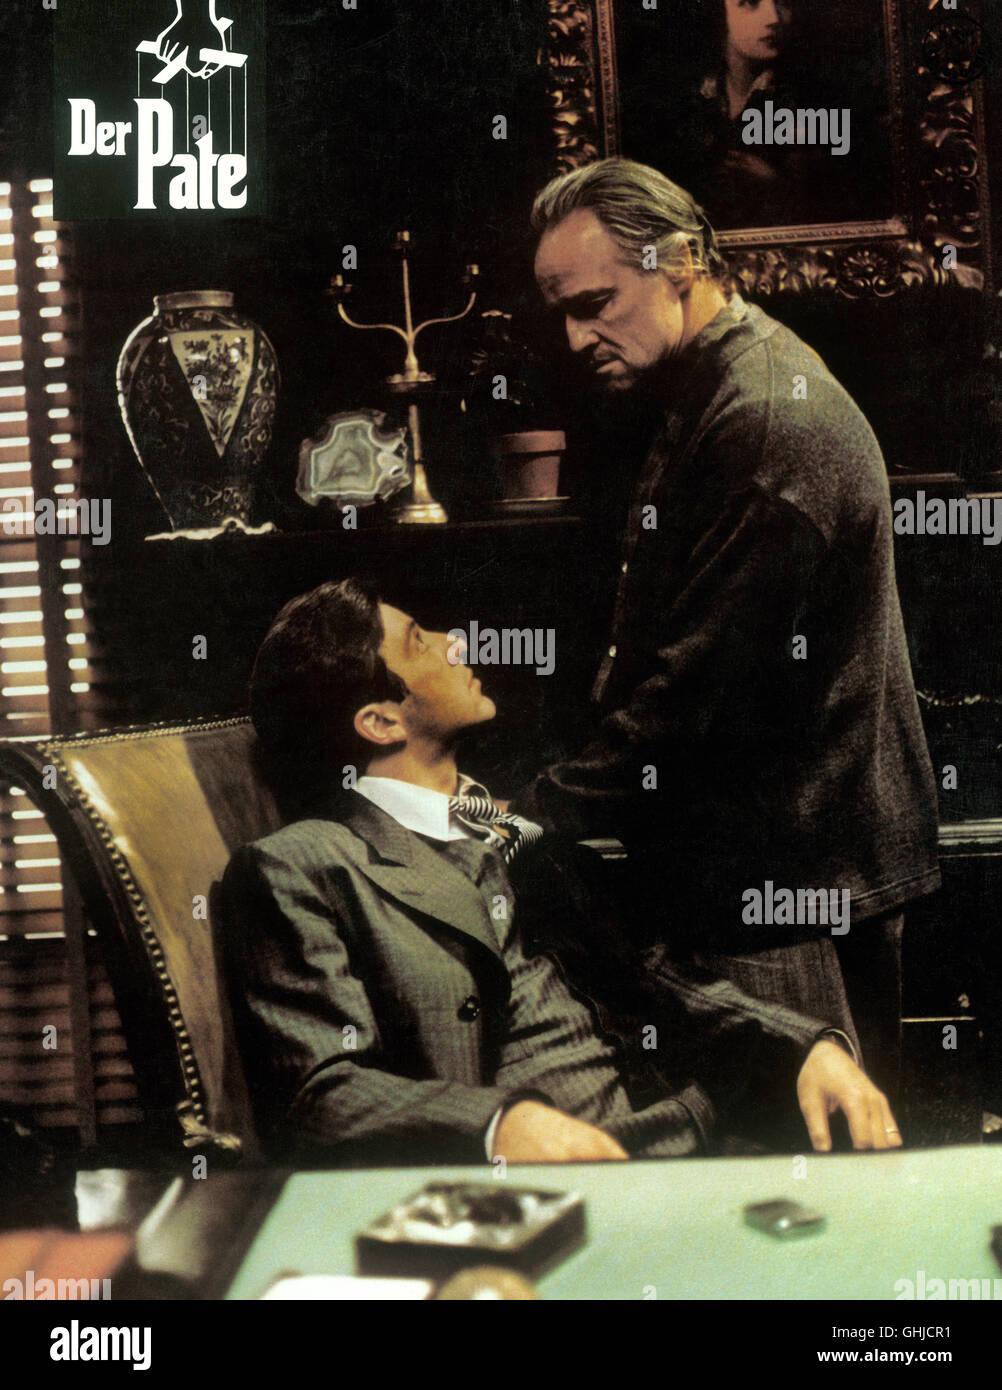 Vito Corleone Stock Photos & Vito Corleone Stock Images - Alamy